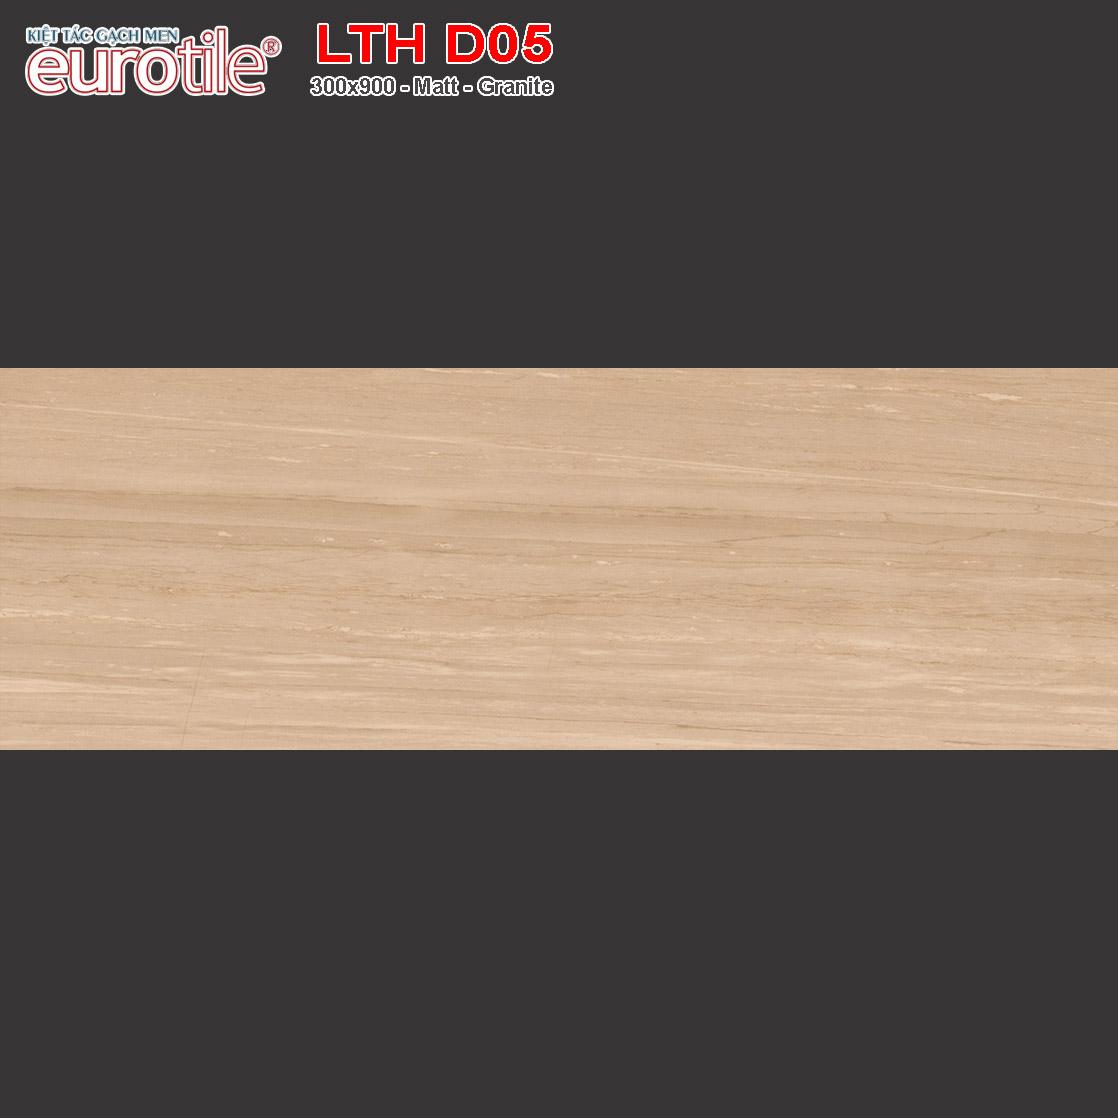 Gạch ốp lát 300x900 Eurotile Lưu Thủy LTH D05 giá rẻ